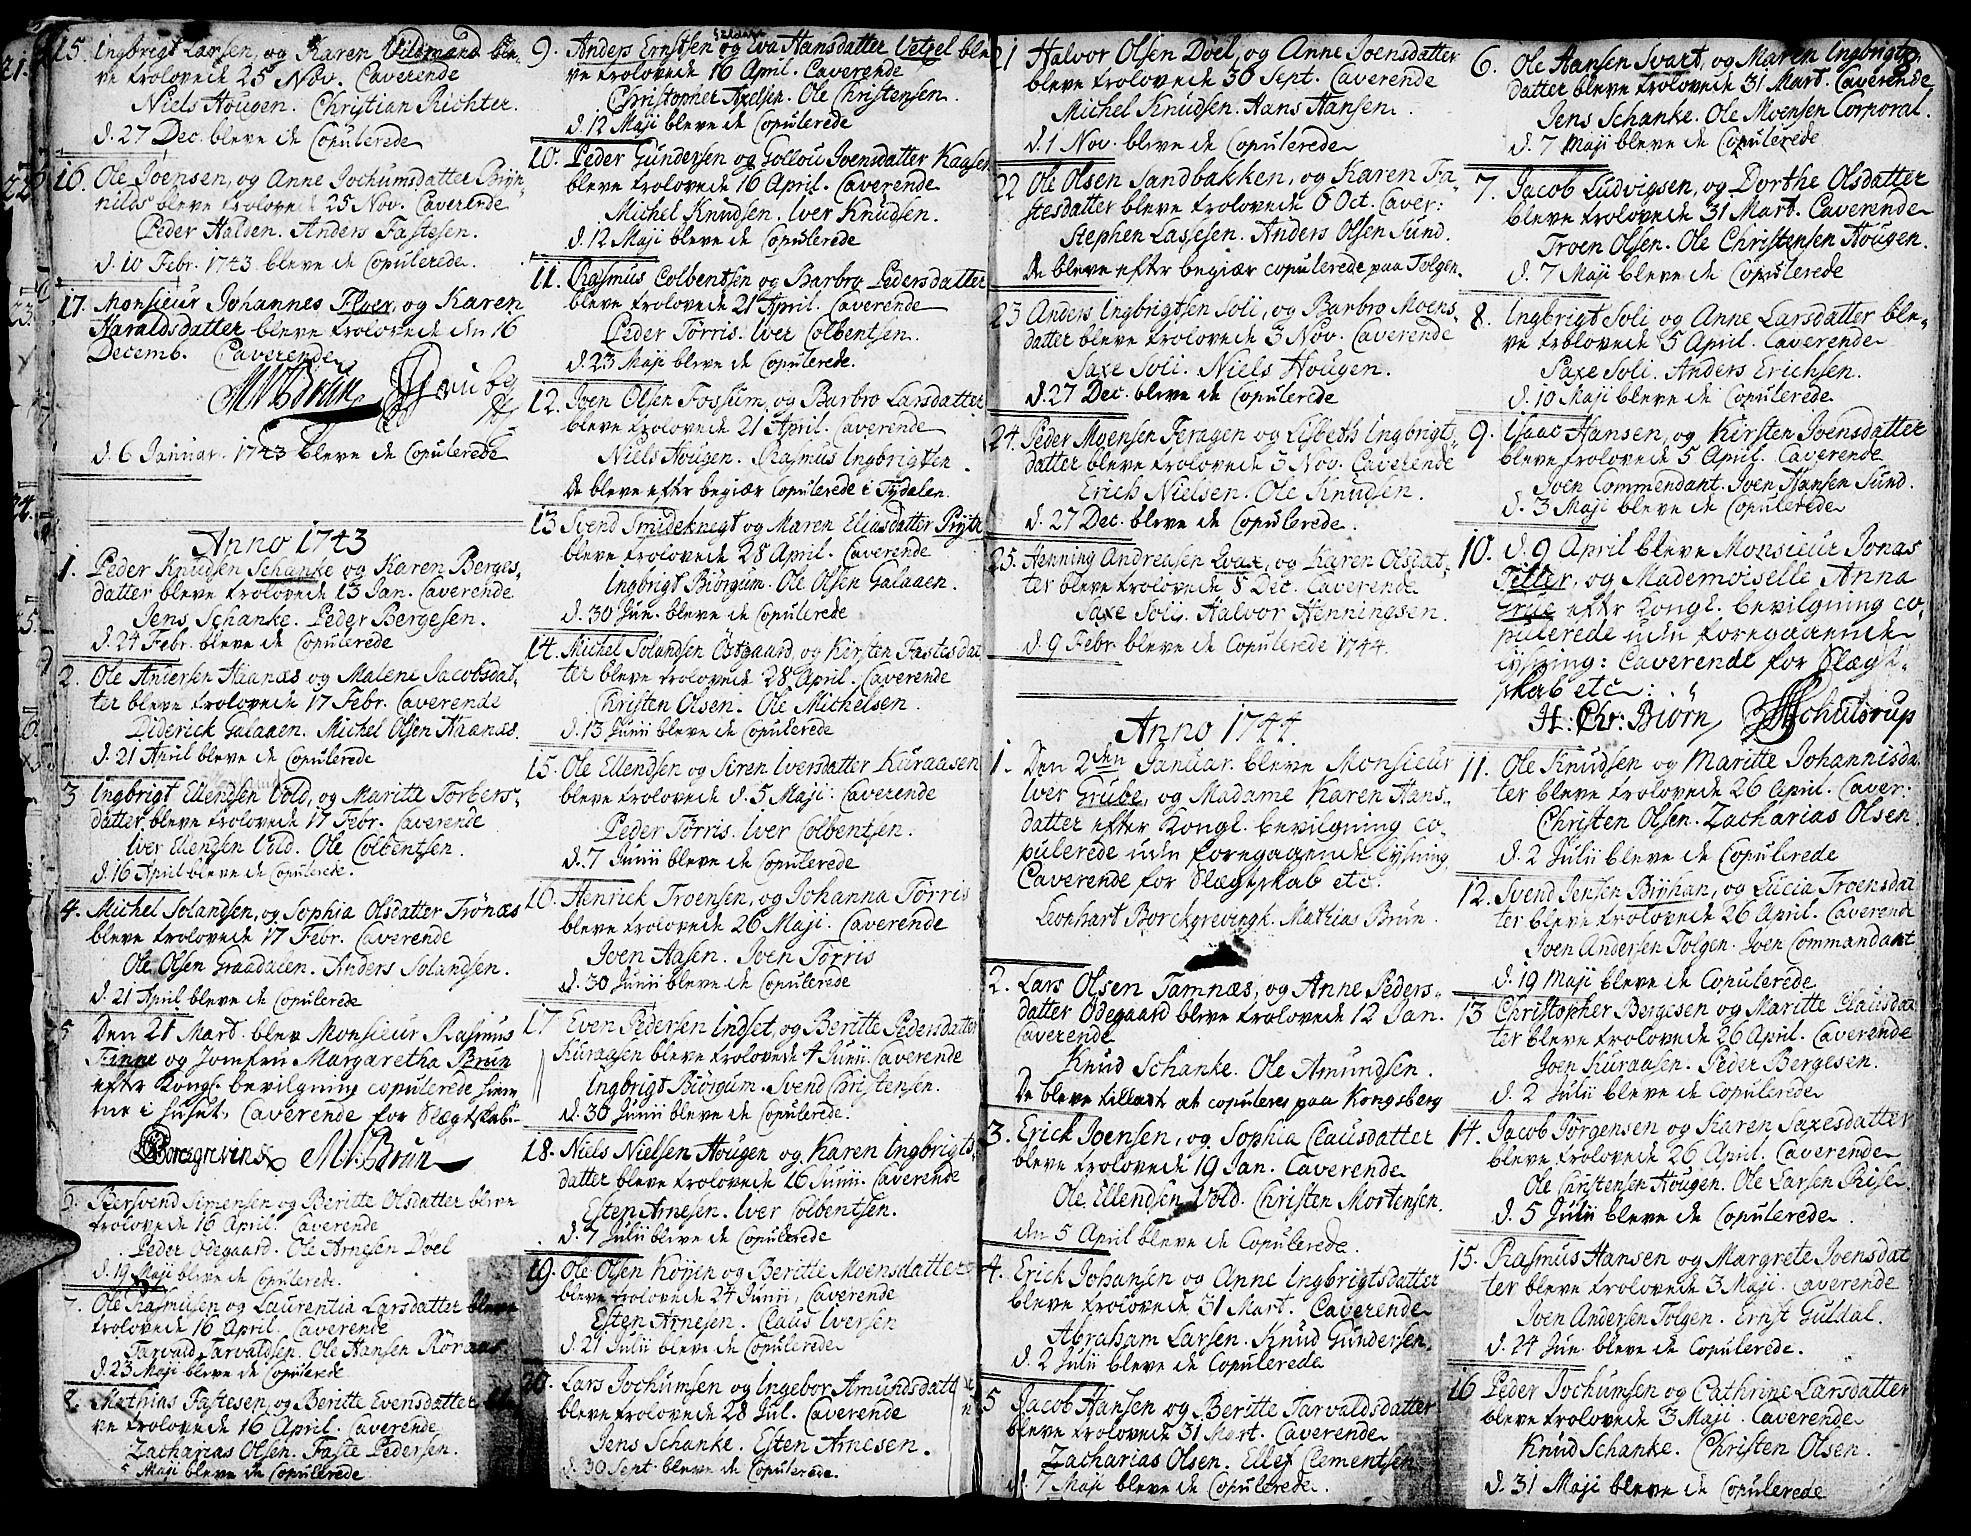 SAT, Ministerialprotokoller, klokkerbøker og fødselsregistre - Sør-Trøndelag, 681/L0925: Ministerialbok nr. 681A03, 1727-1766, s. 8